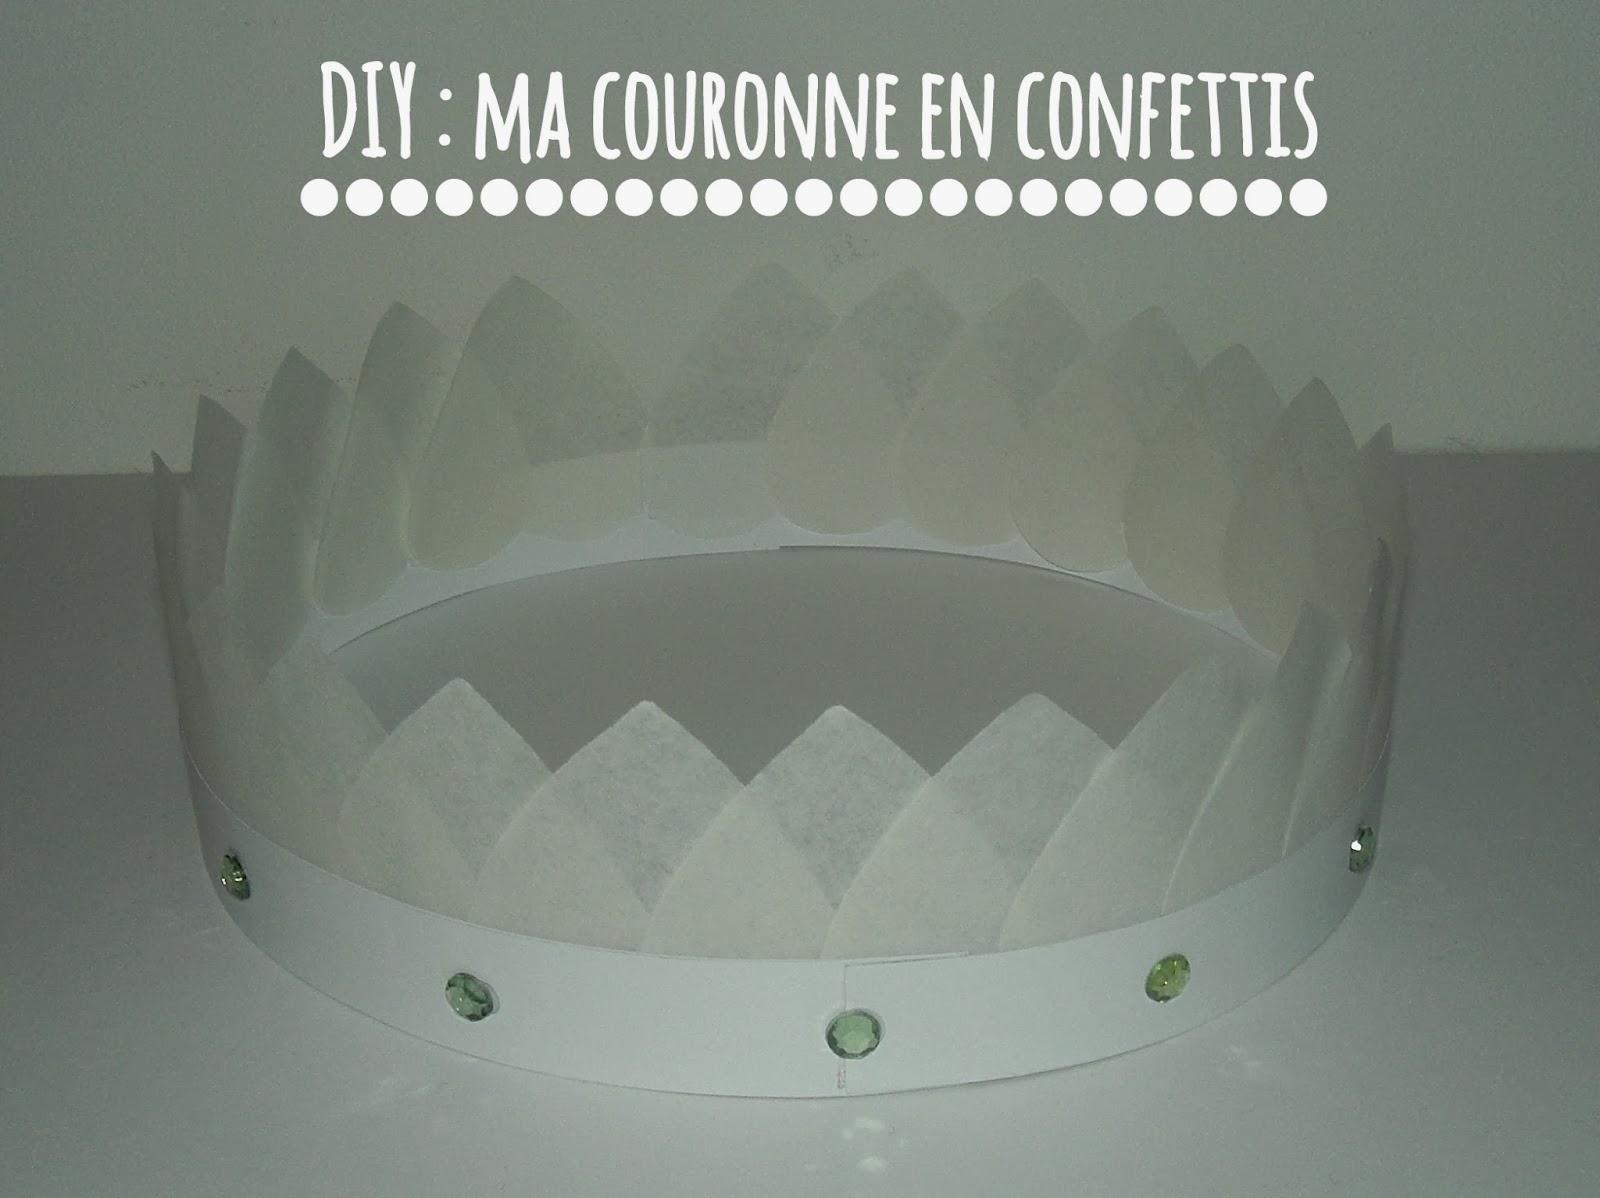 Gabulle in wonderland une couronne en confettis - Couronne de roi a fabriquer ...